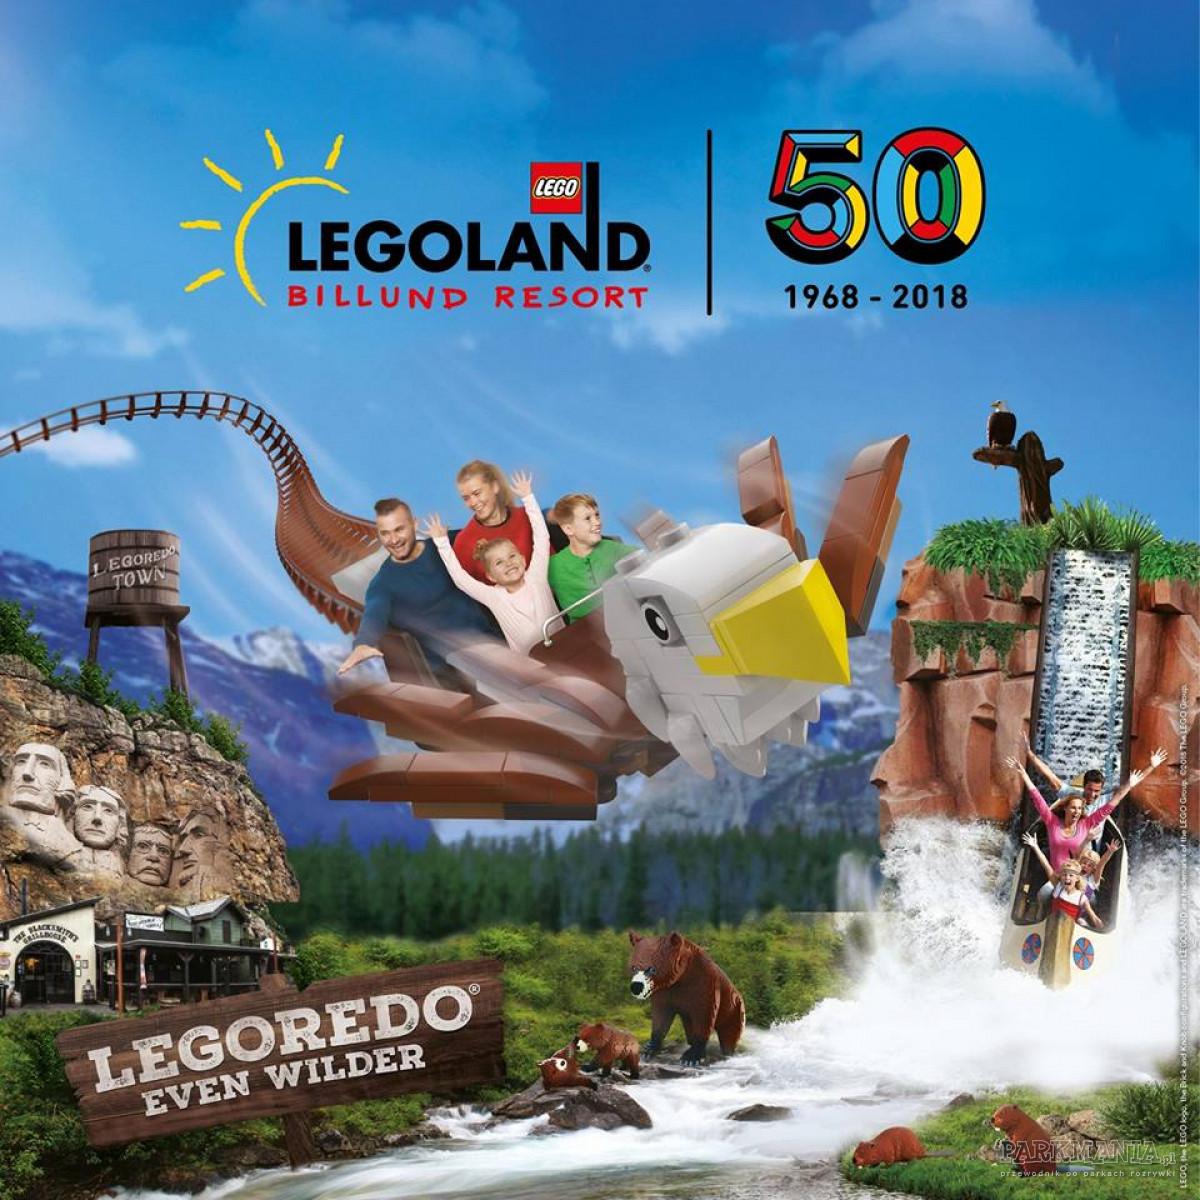 [WIDEO] Legoland w Billund świętuje swoje 50. urodziny! Wybieracie się?